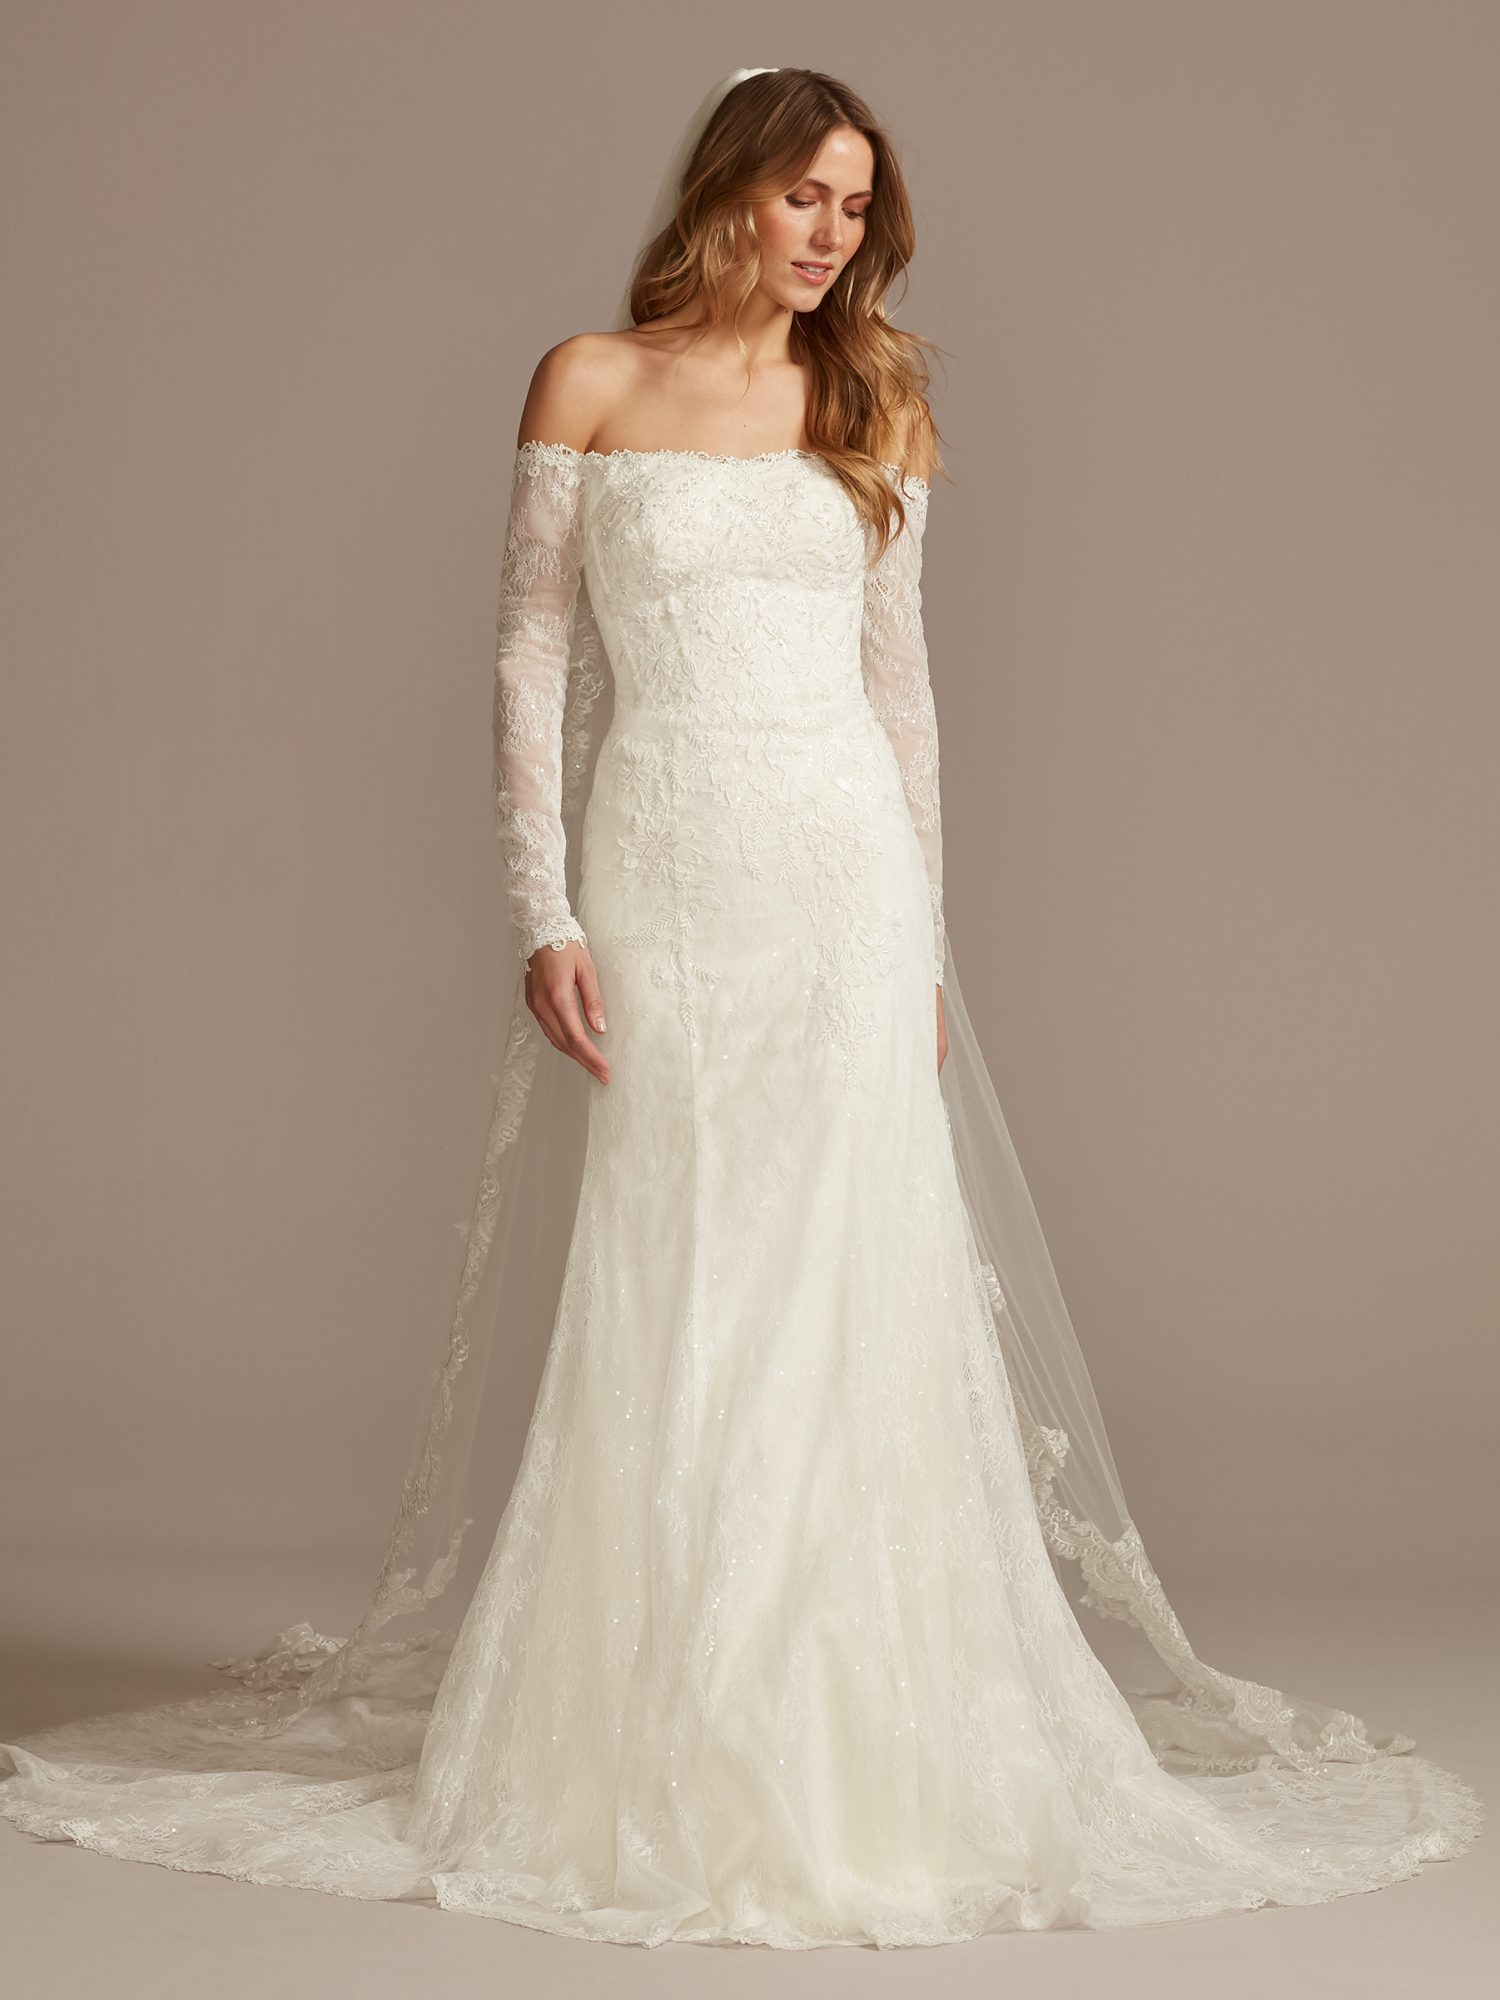 davids bridal off-the-shoulder long sleeve wedding dress spring 2021